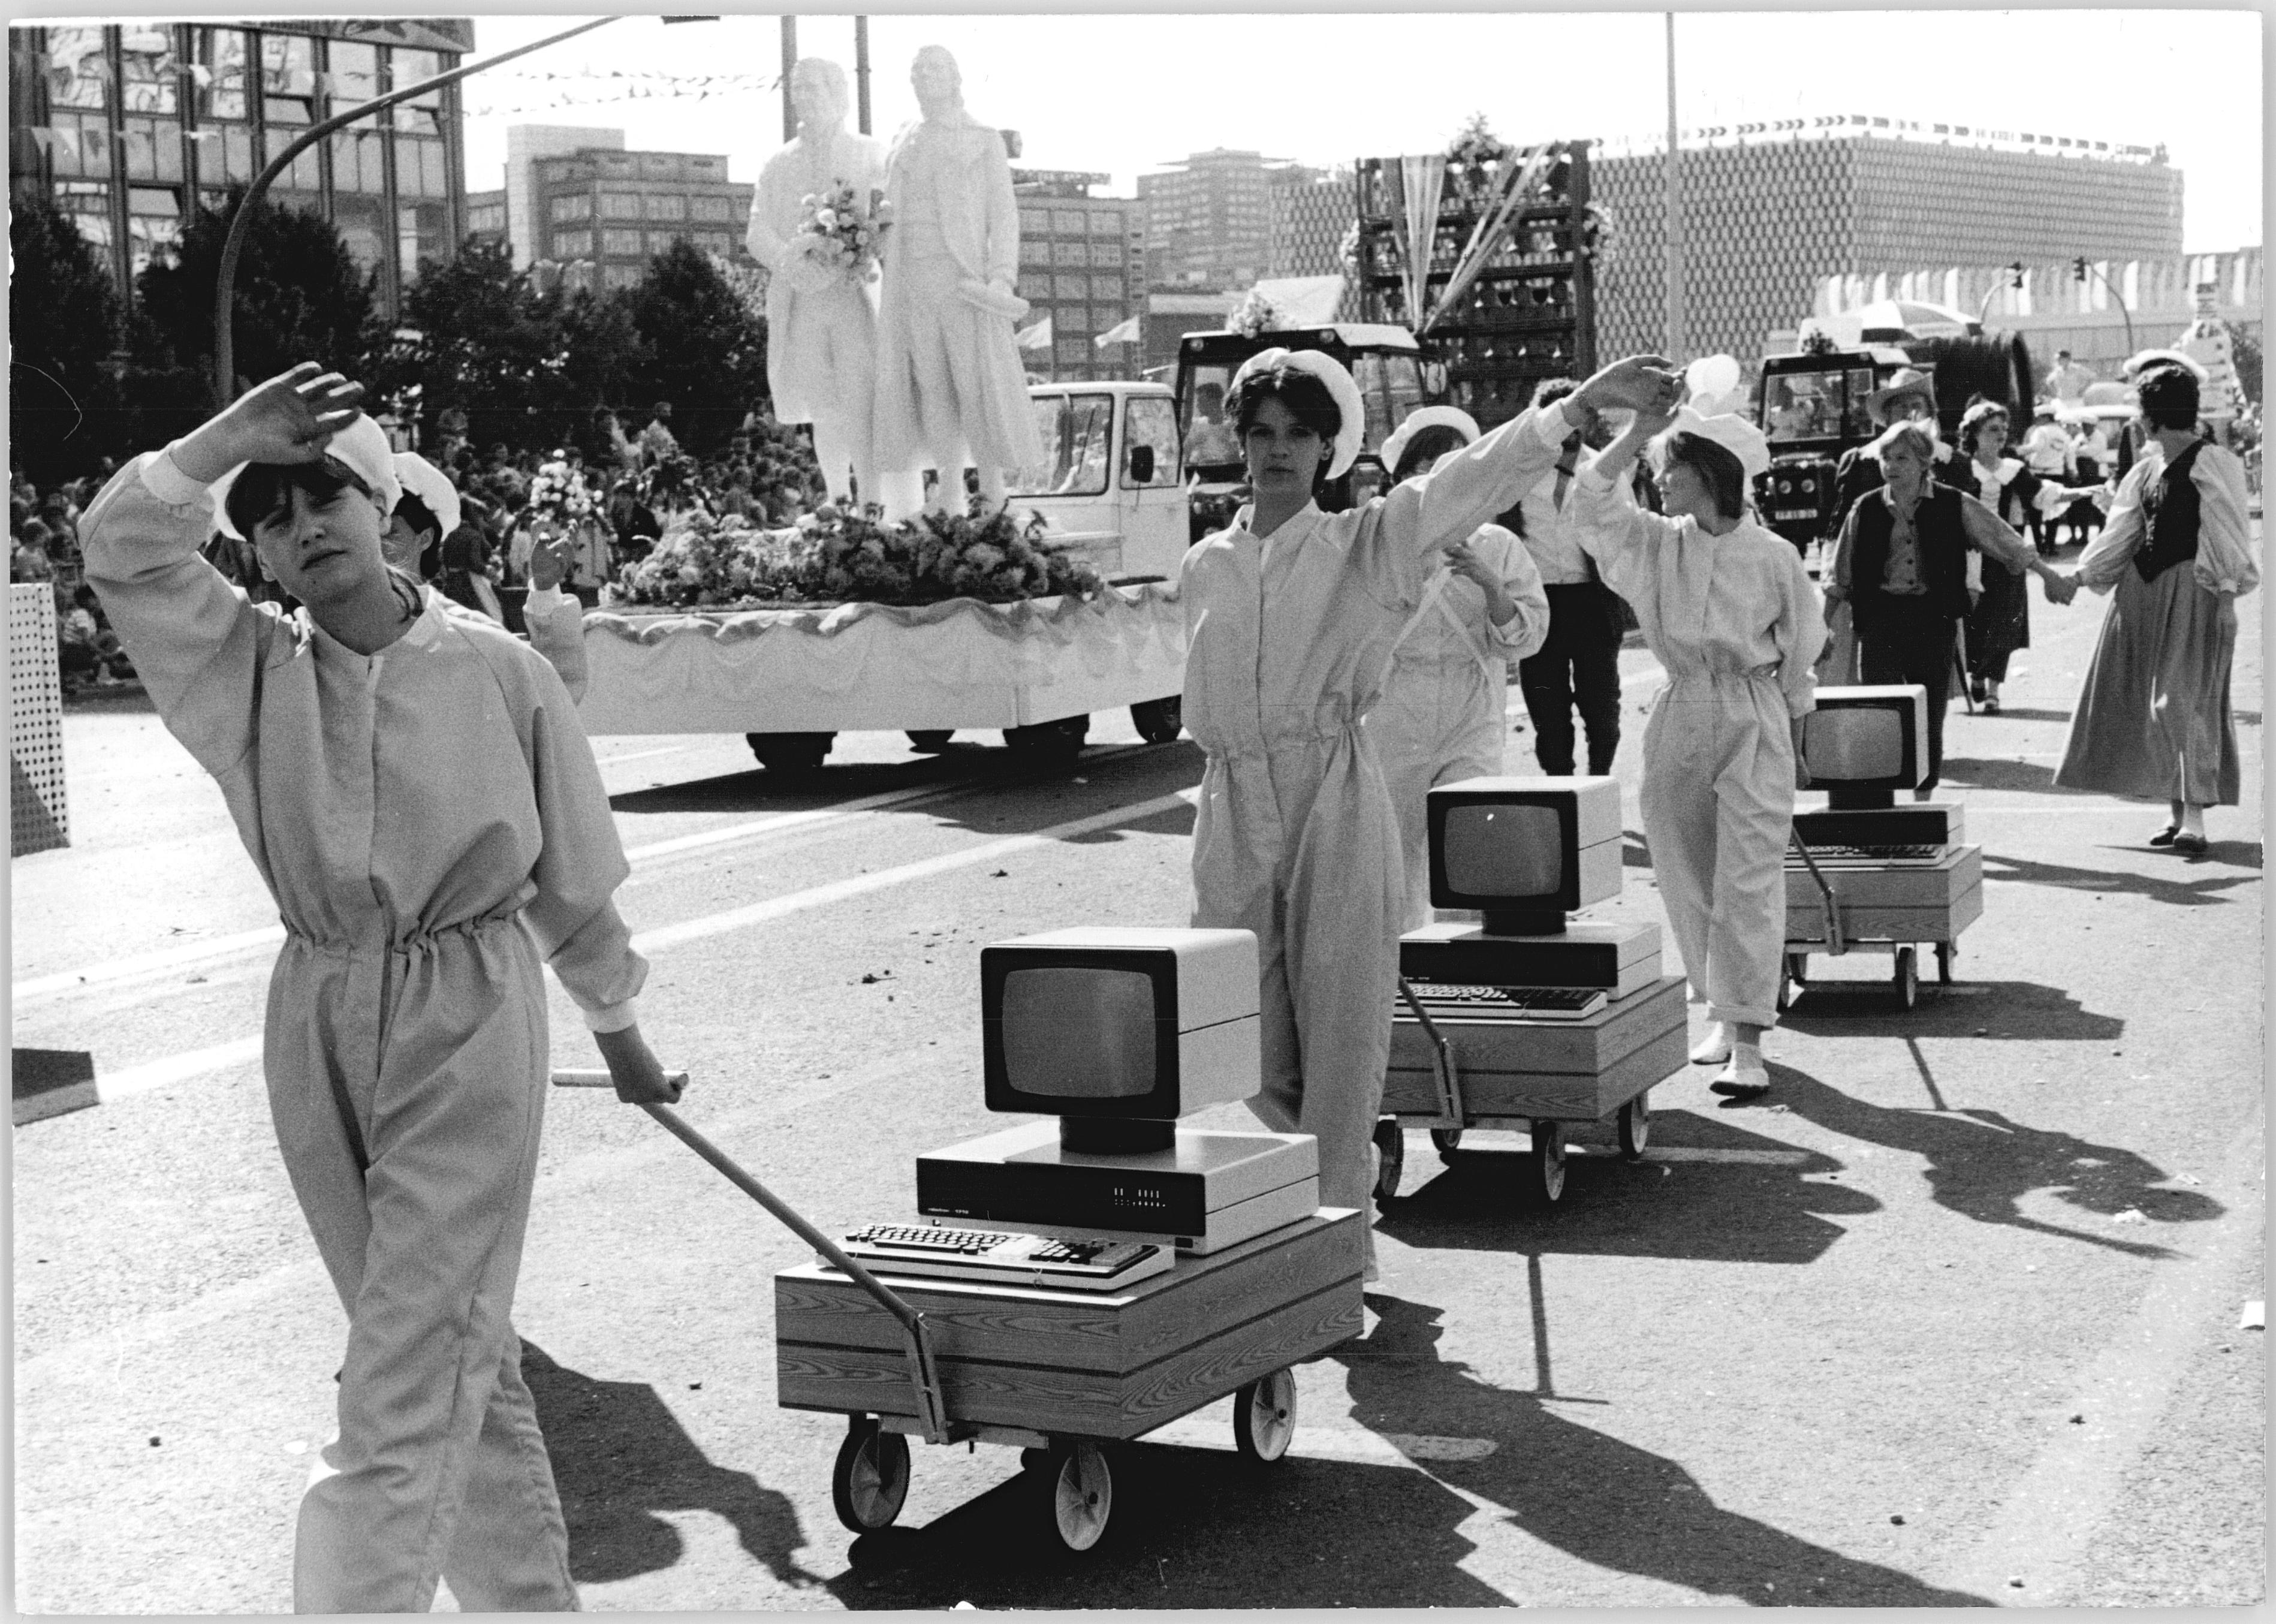 Berlin, 750-Jahr-Feier, Festumzug, Computer